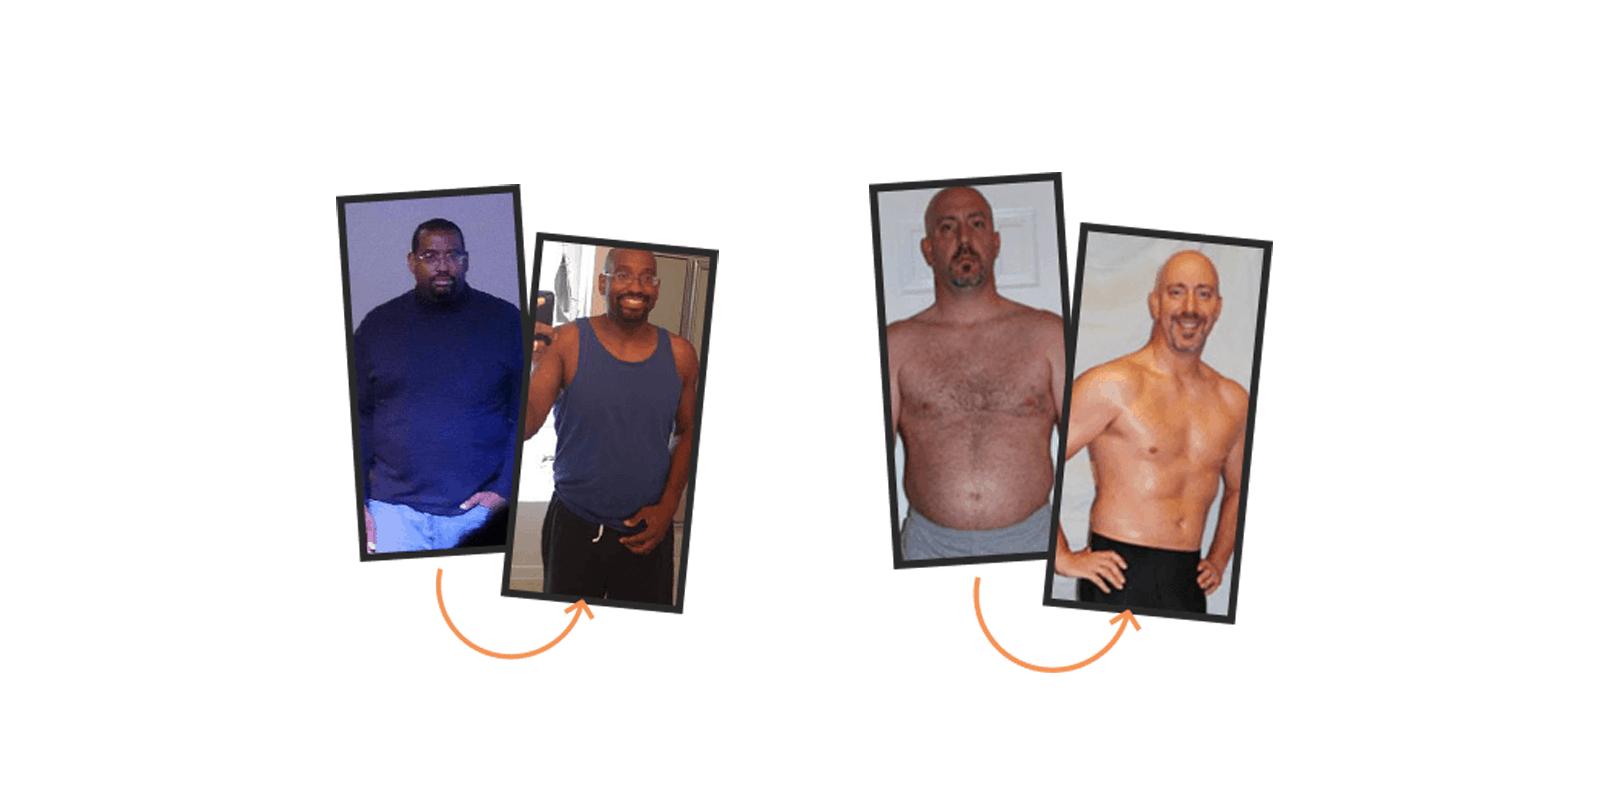 Revita pro results